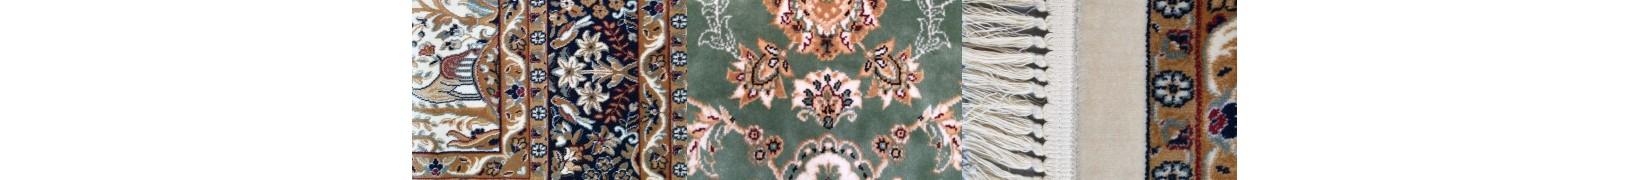 Przepiękne dywany tradycyjne do pokoju dziennego | ŚliczneDywany.pl